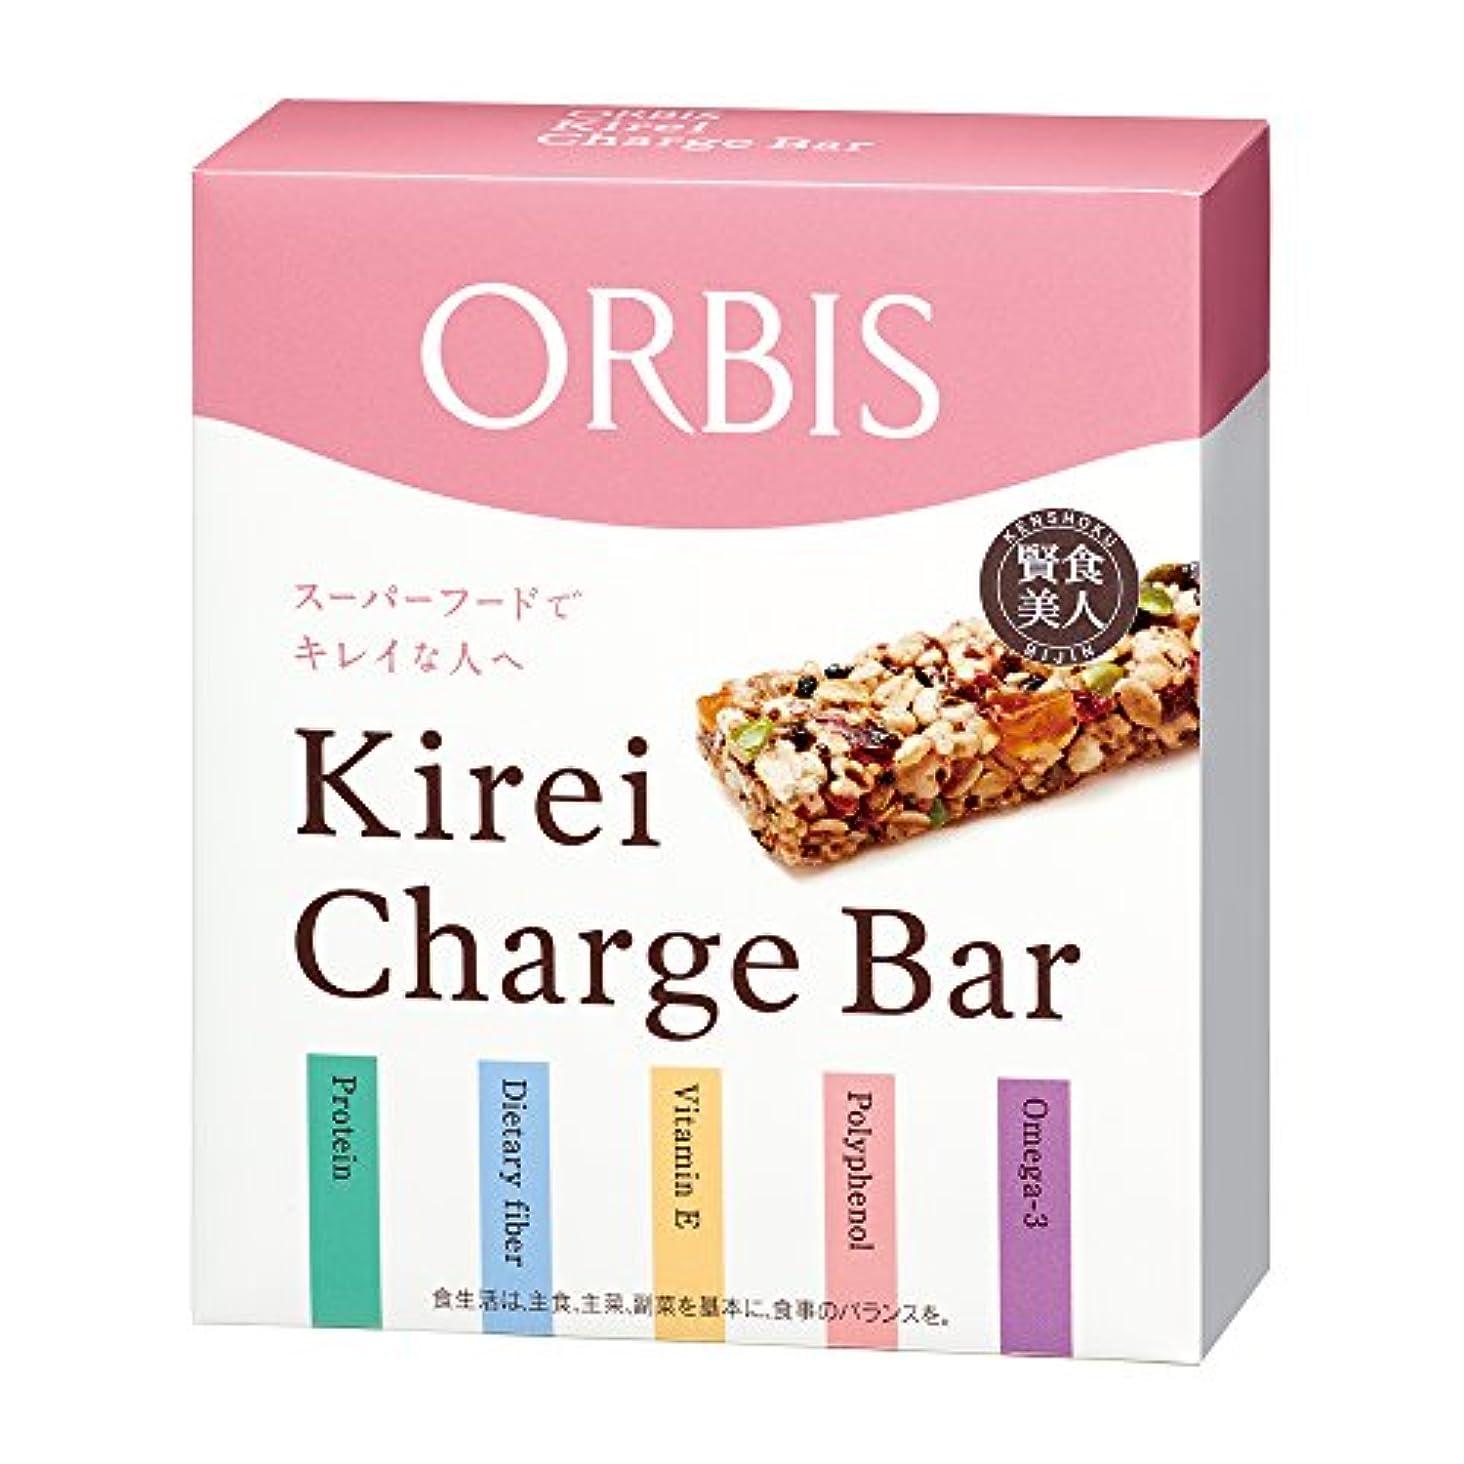 カジュアルタックドアミラーオルビス(ORBIS) Kirei Charge Bar(キレイチャージバー) オリジナルミックス ◎美容シリアルバー◎